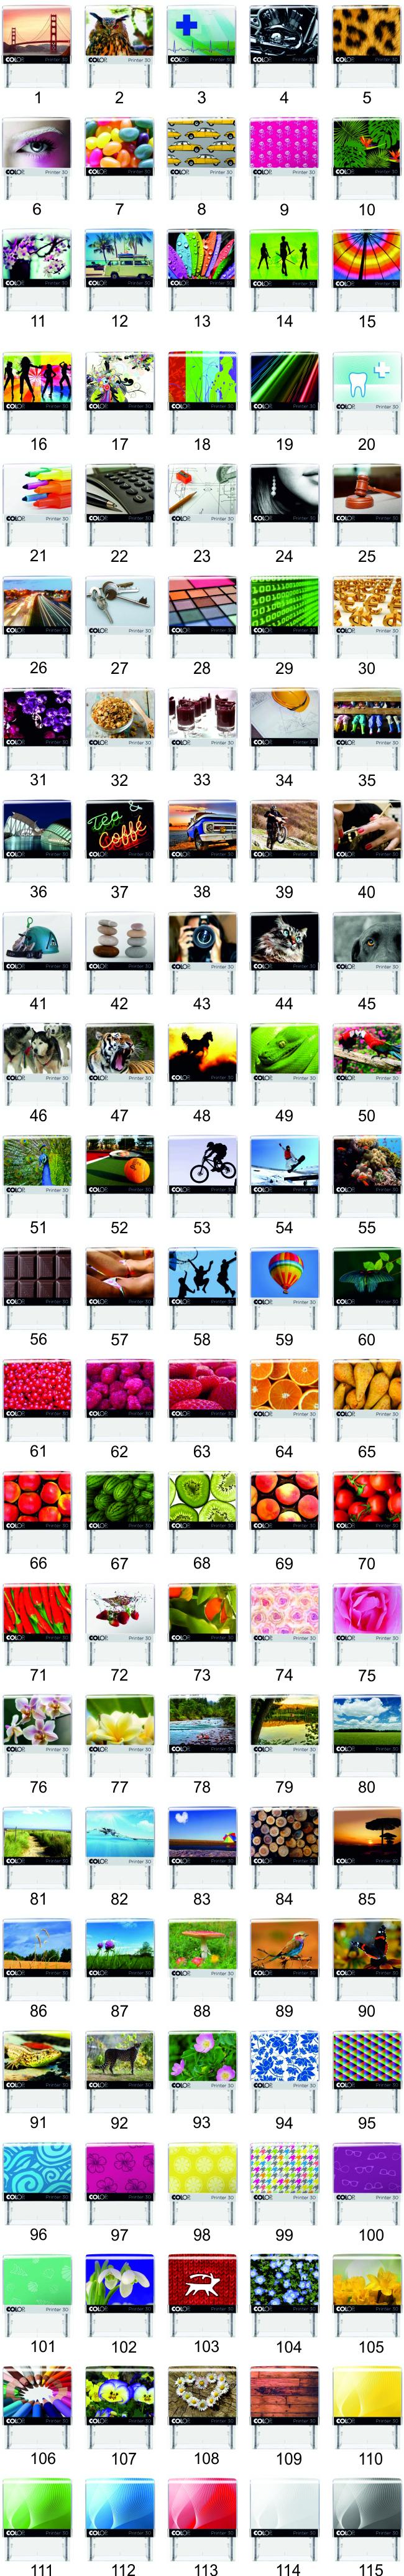 wzory karteczek indeksujących